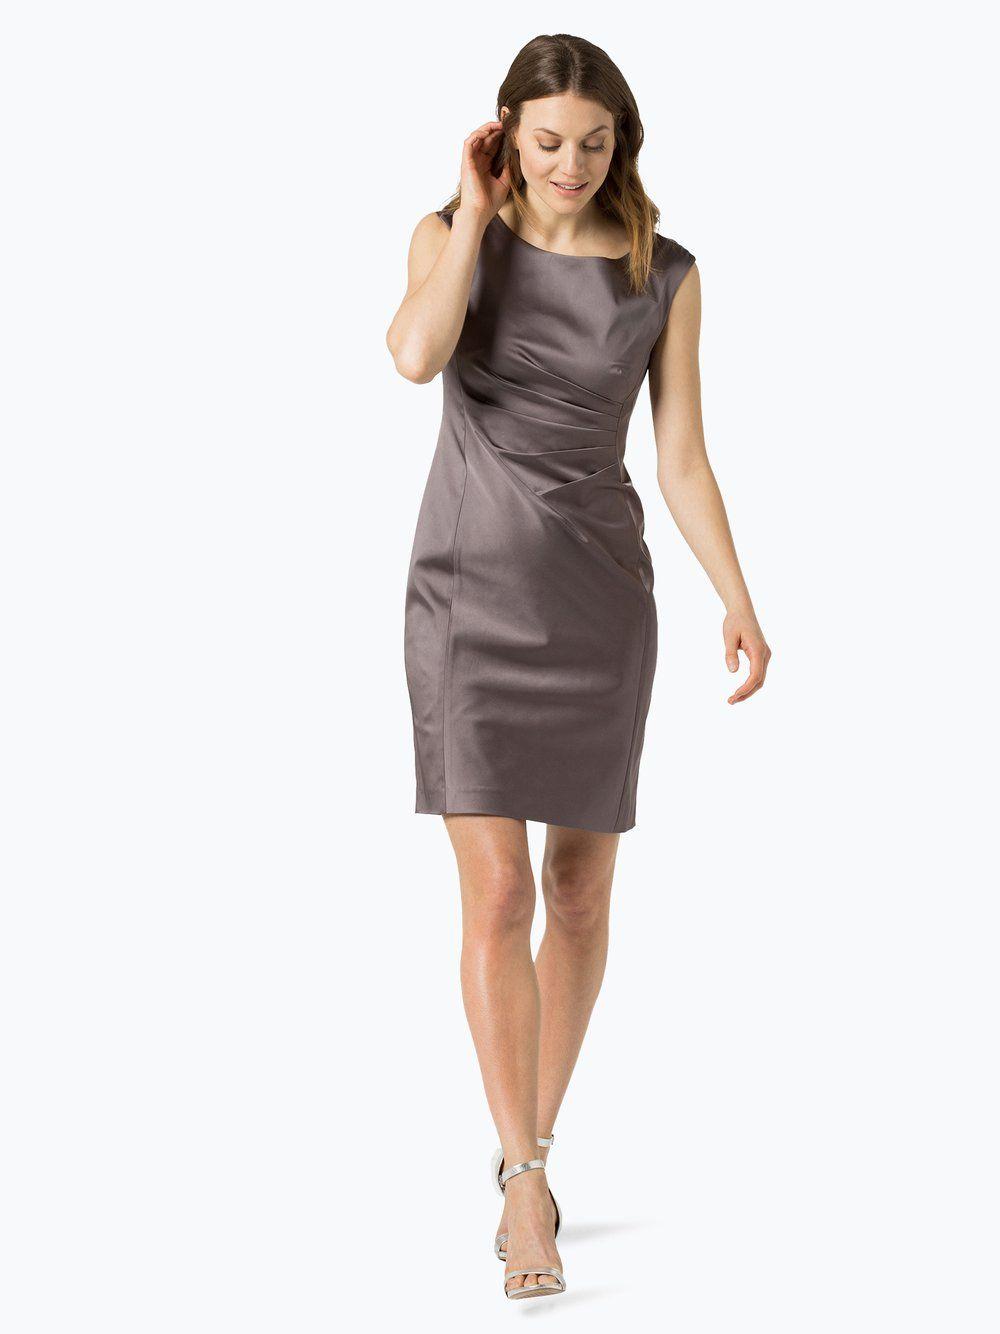 Ambiance Abendkleid beige  Abendkleid, Kleider, Modestil